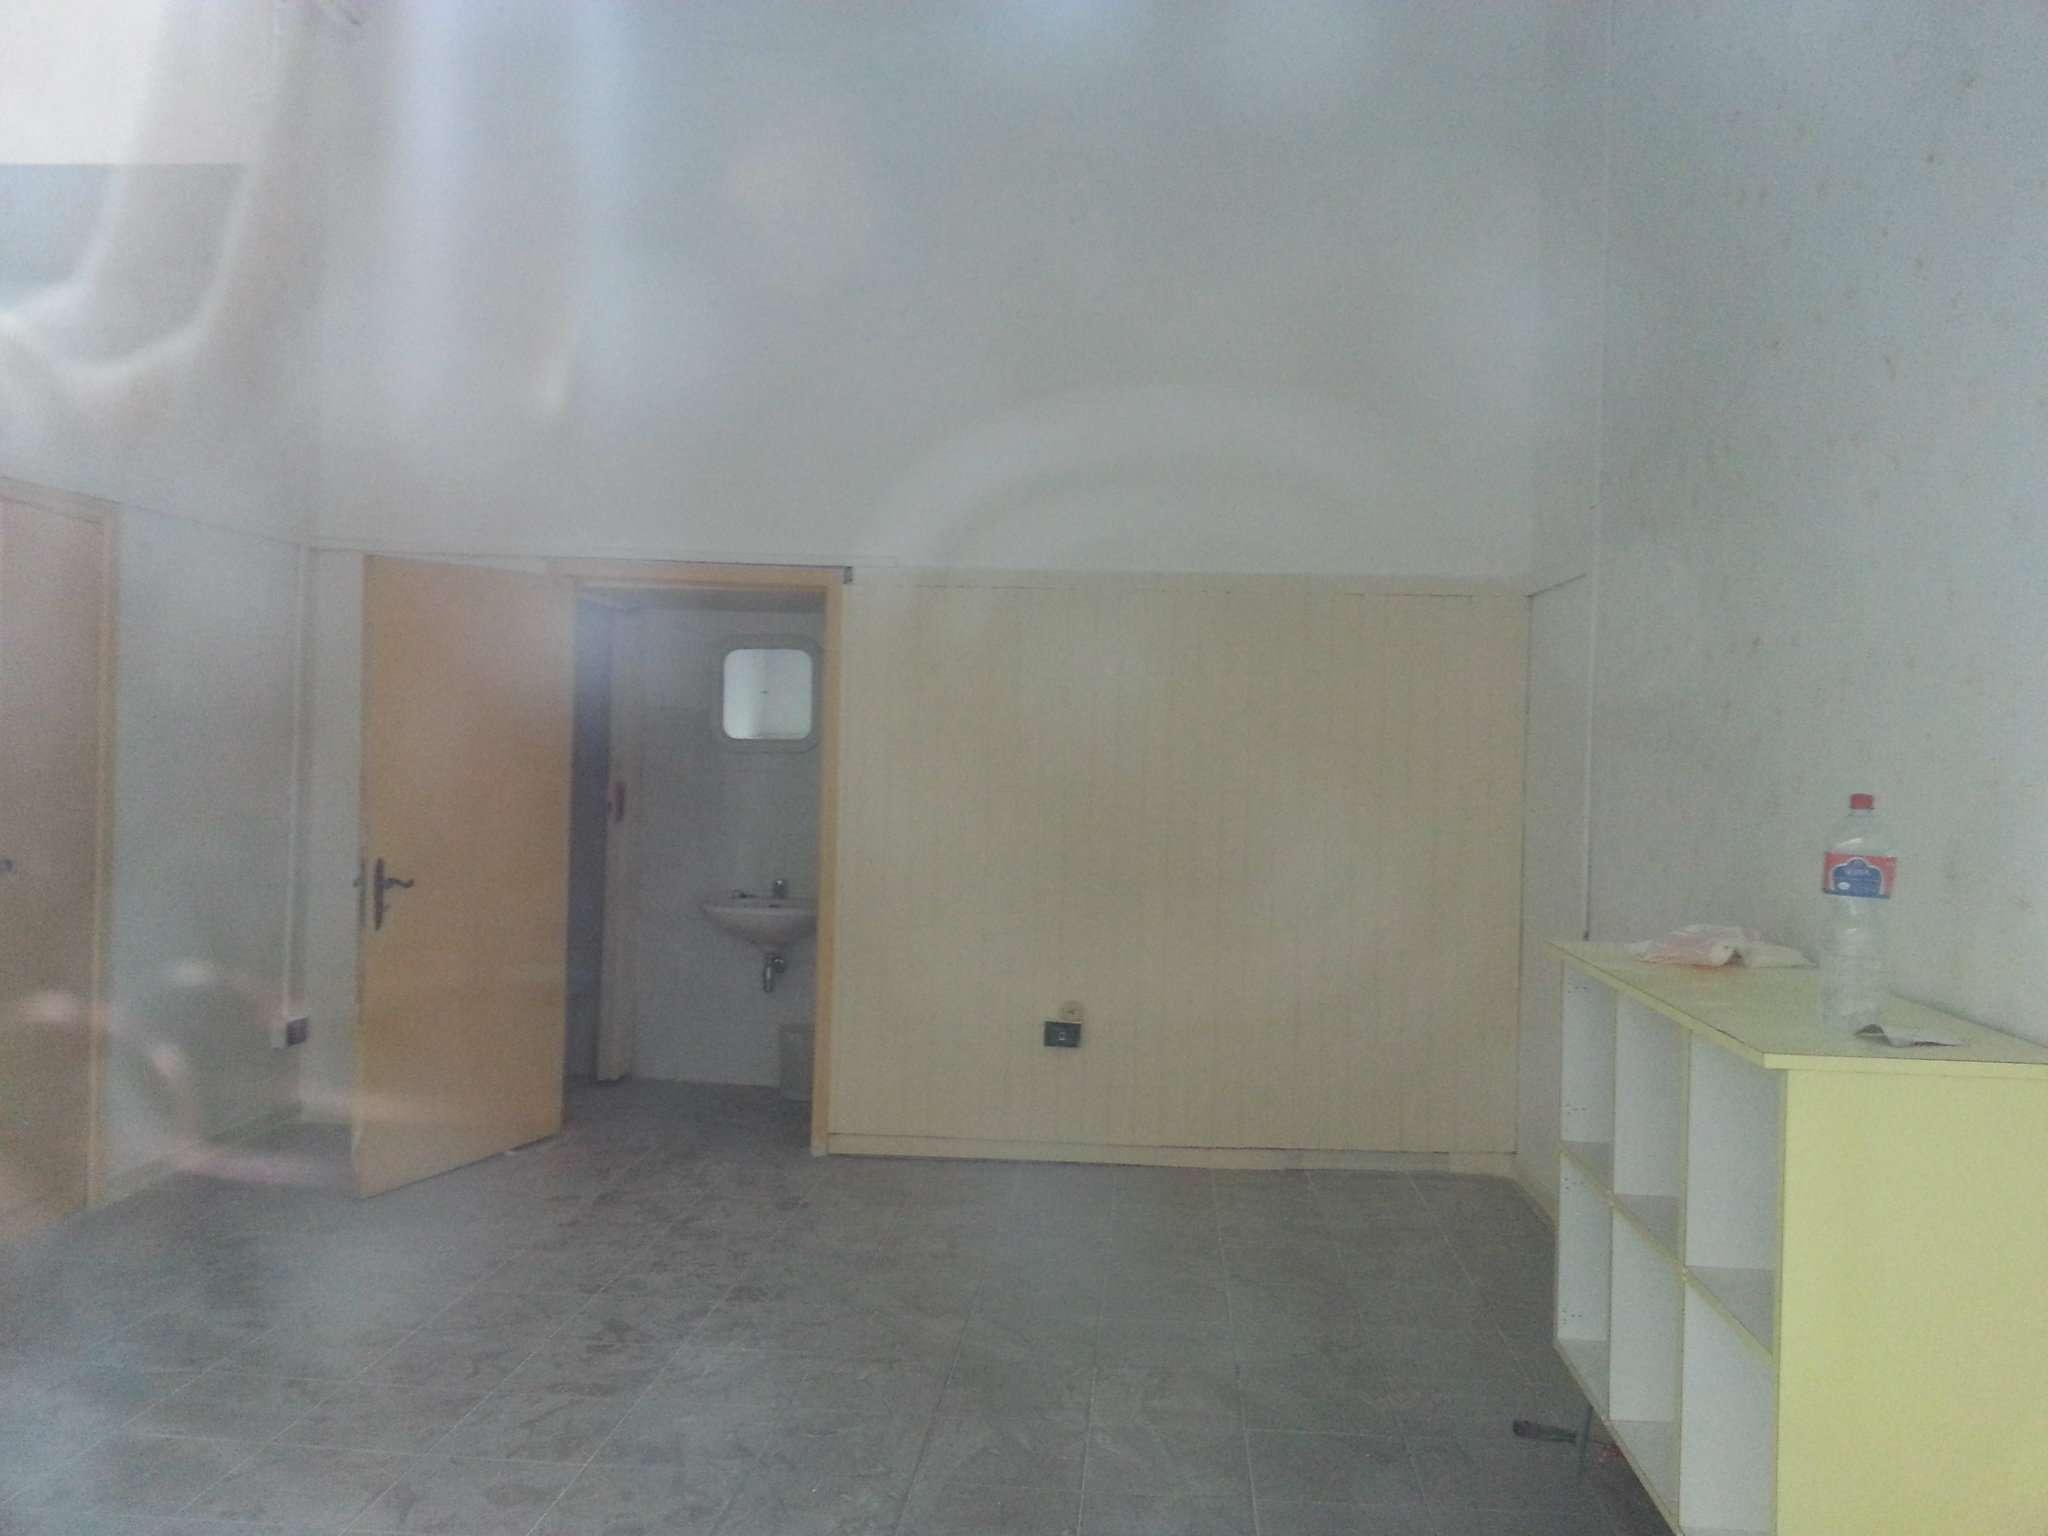 Negozio / Locale in affitto a Arezzo, 1 locali, prezzo € 300 | CambioCasa.it